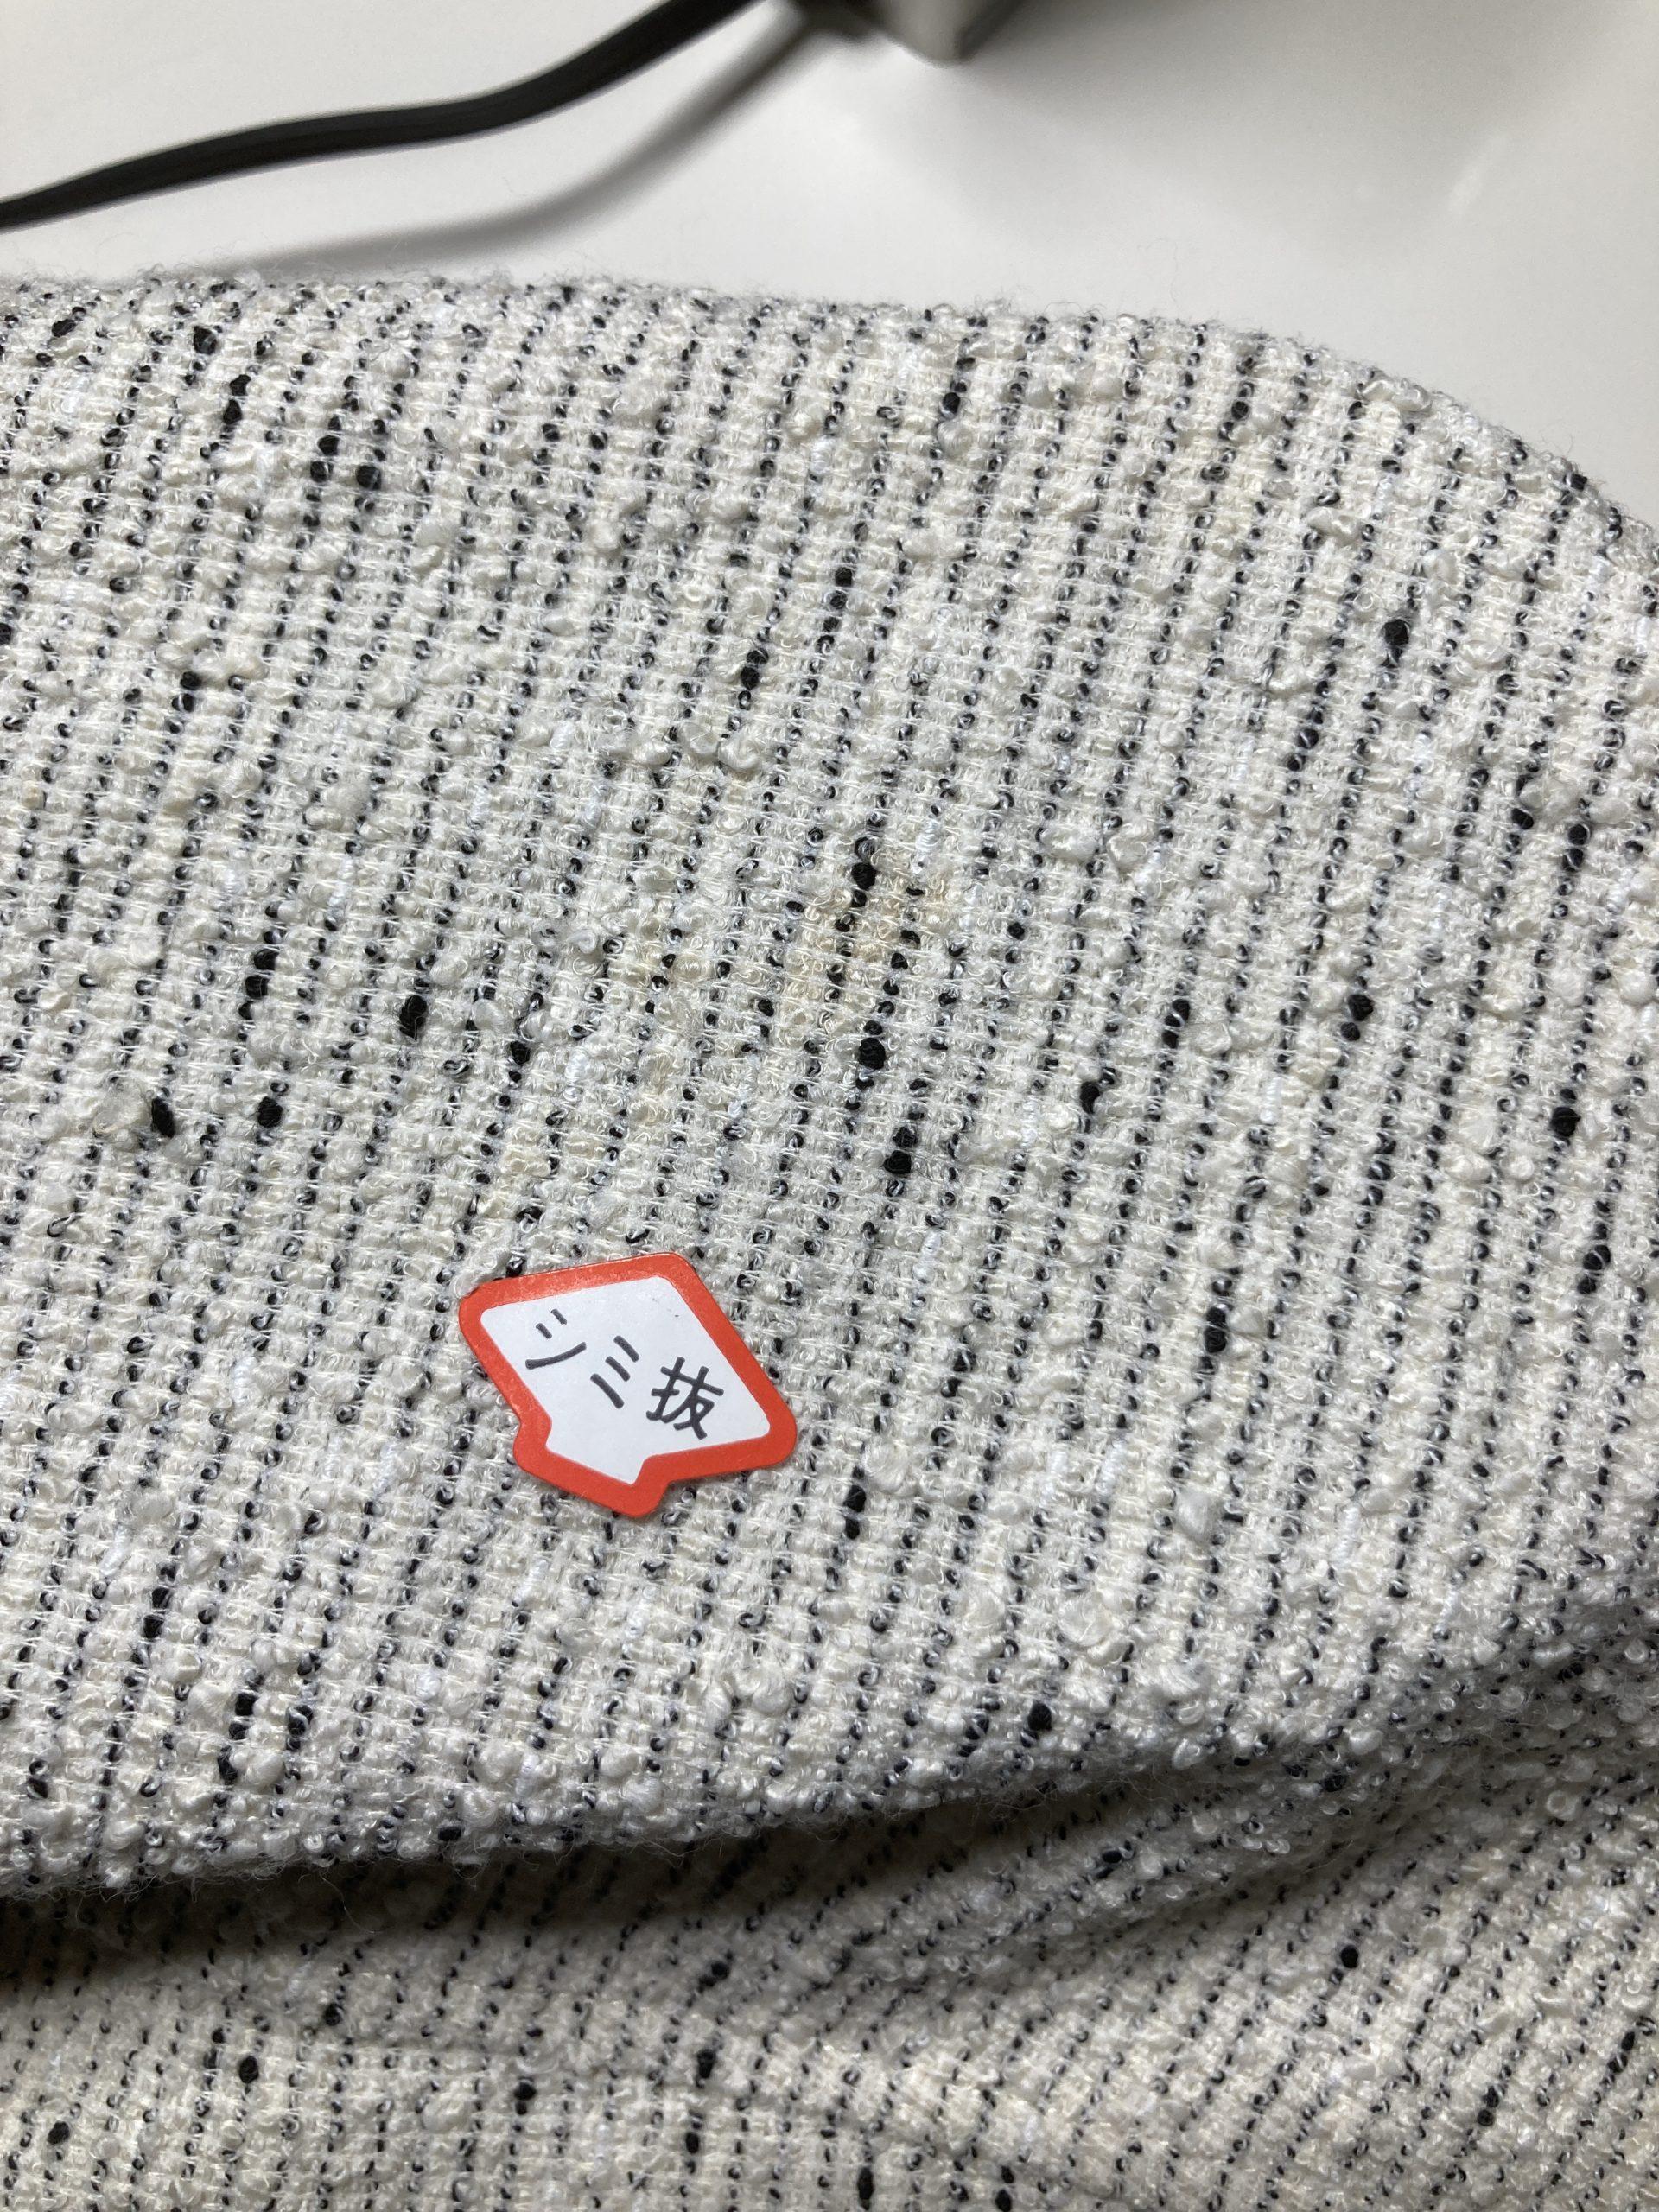 スカート 食べこぼし のしみ by 下町、東京都江東区亀戸の会員制クリーニングベレーナ